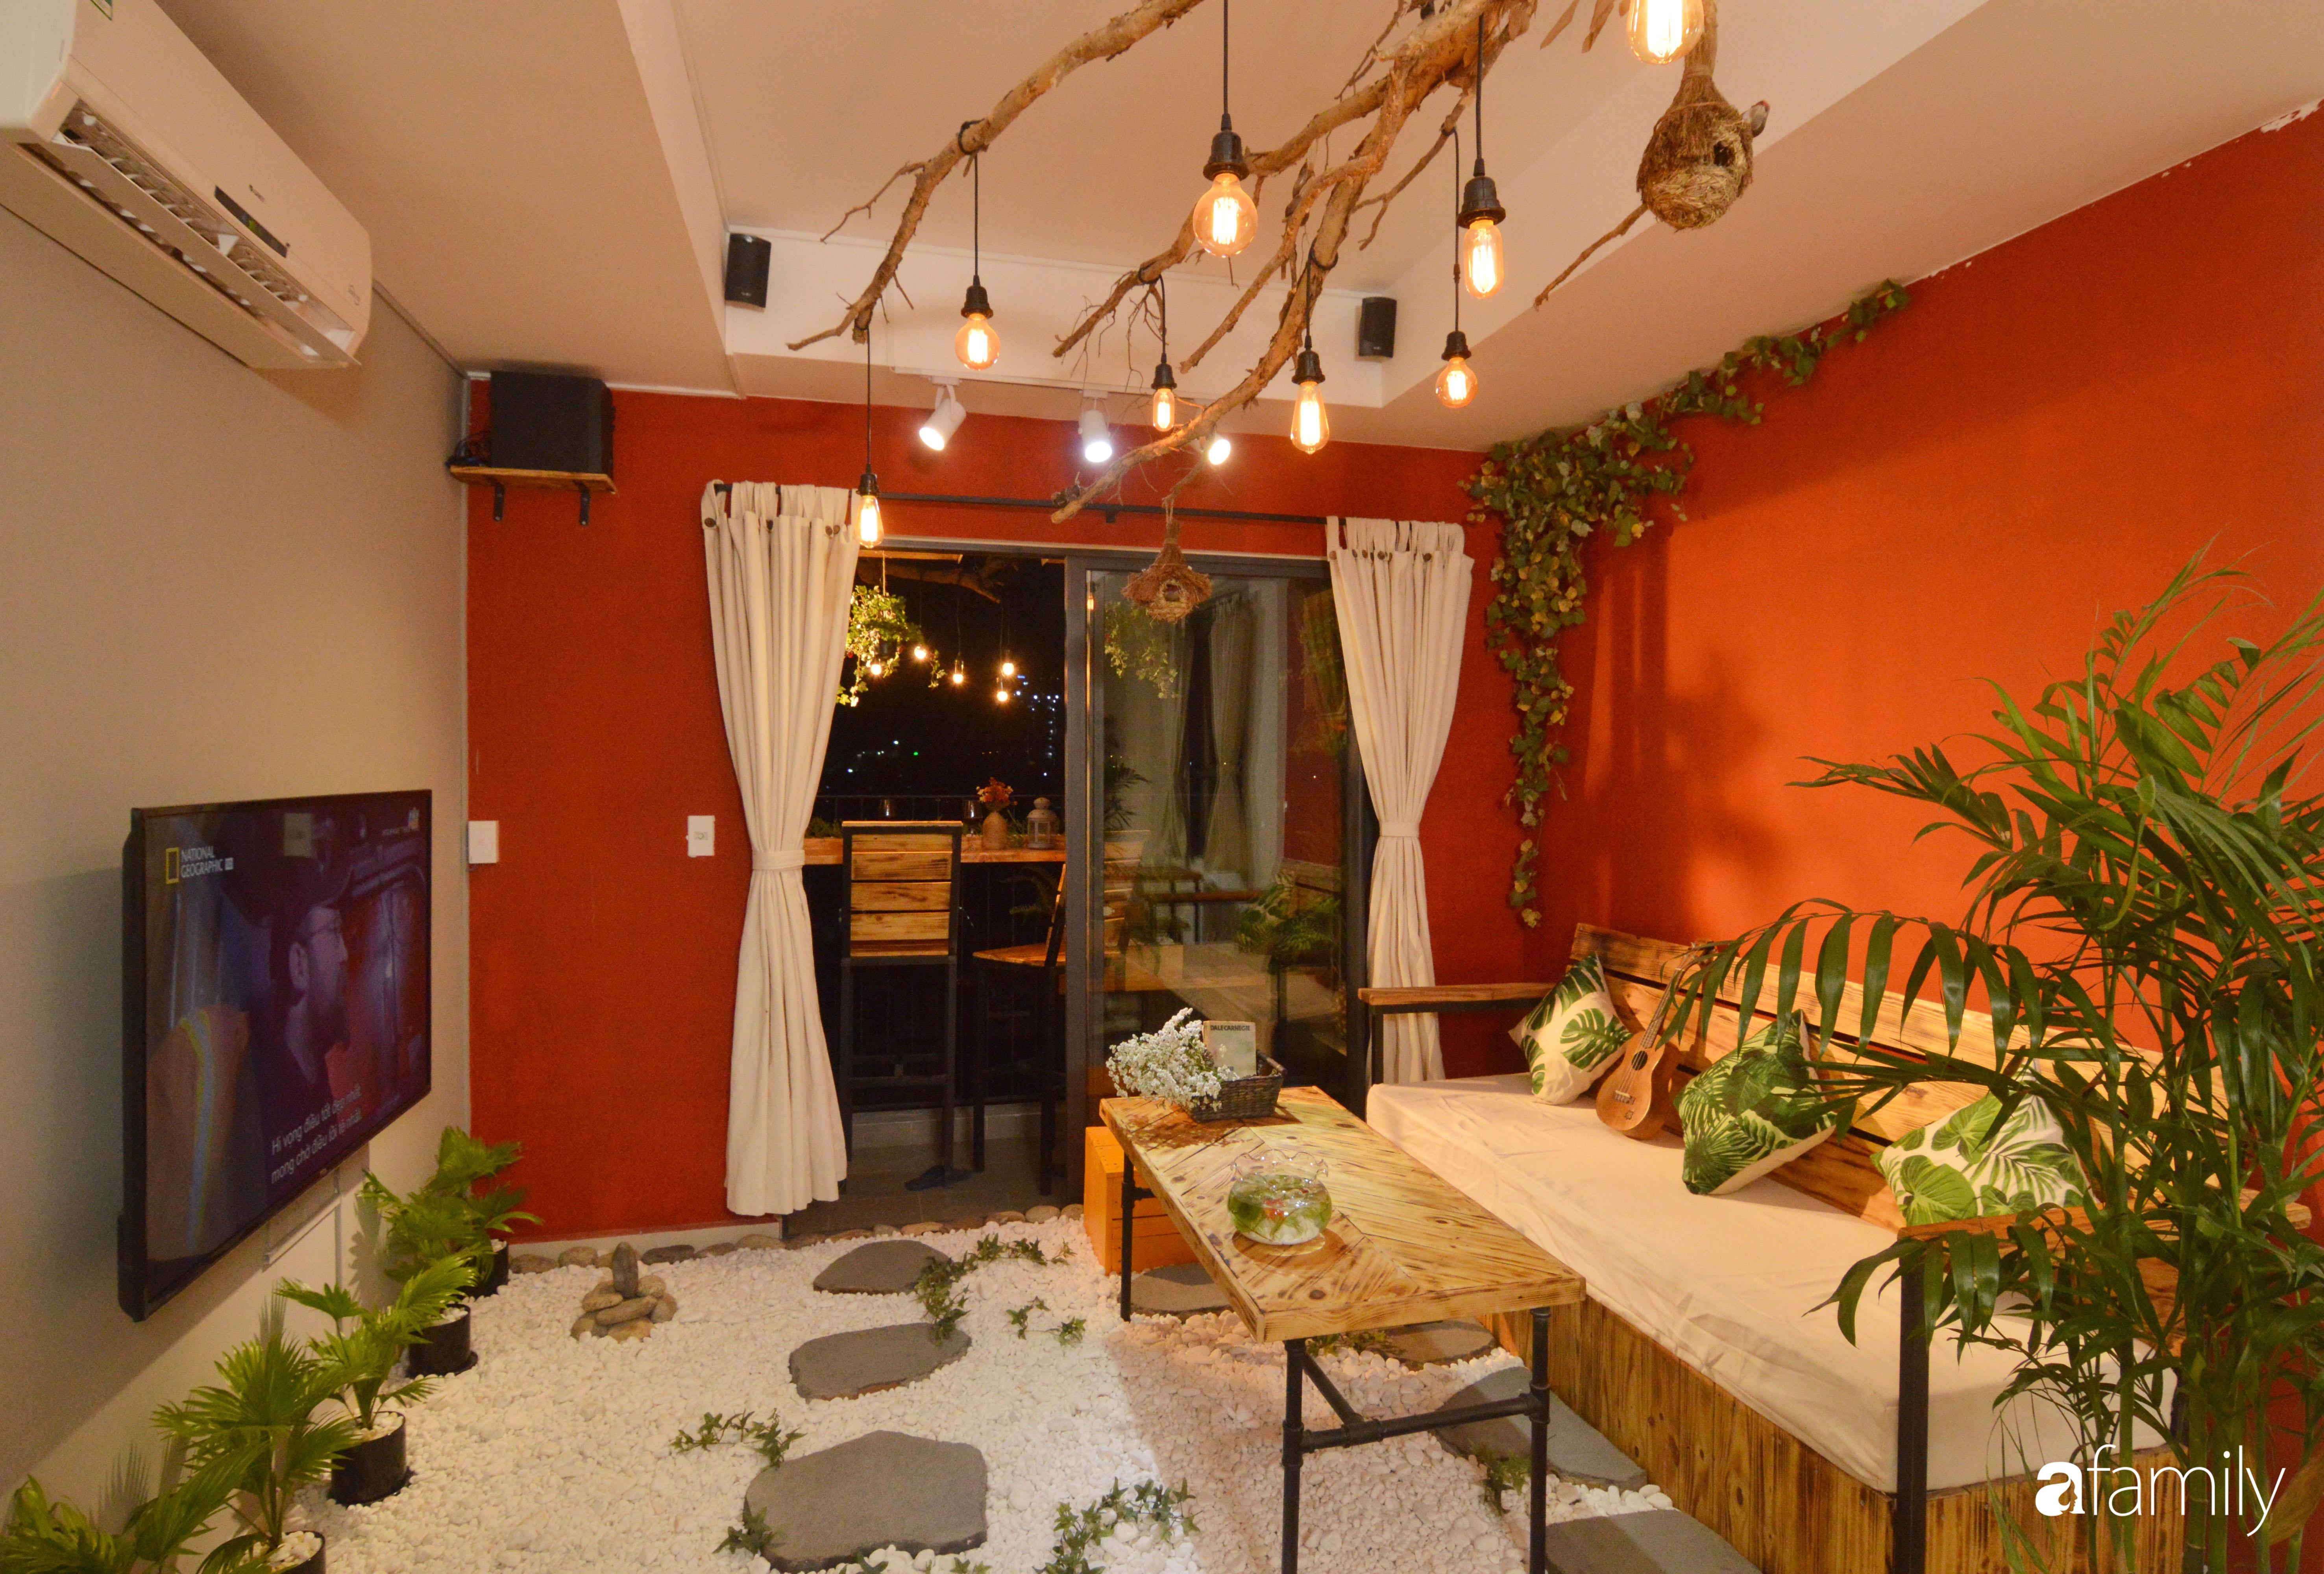 Tự phá bỏ các quy tắc décor thông thường, căn hộ Quận 7 của diễn viên Linh Sơn đẹp cá tính với điểm nhấn sắc đỏ nồng nàn - Ảnh 5.